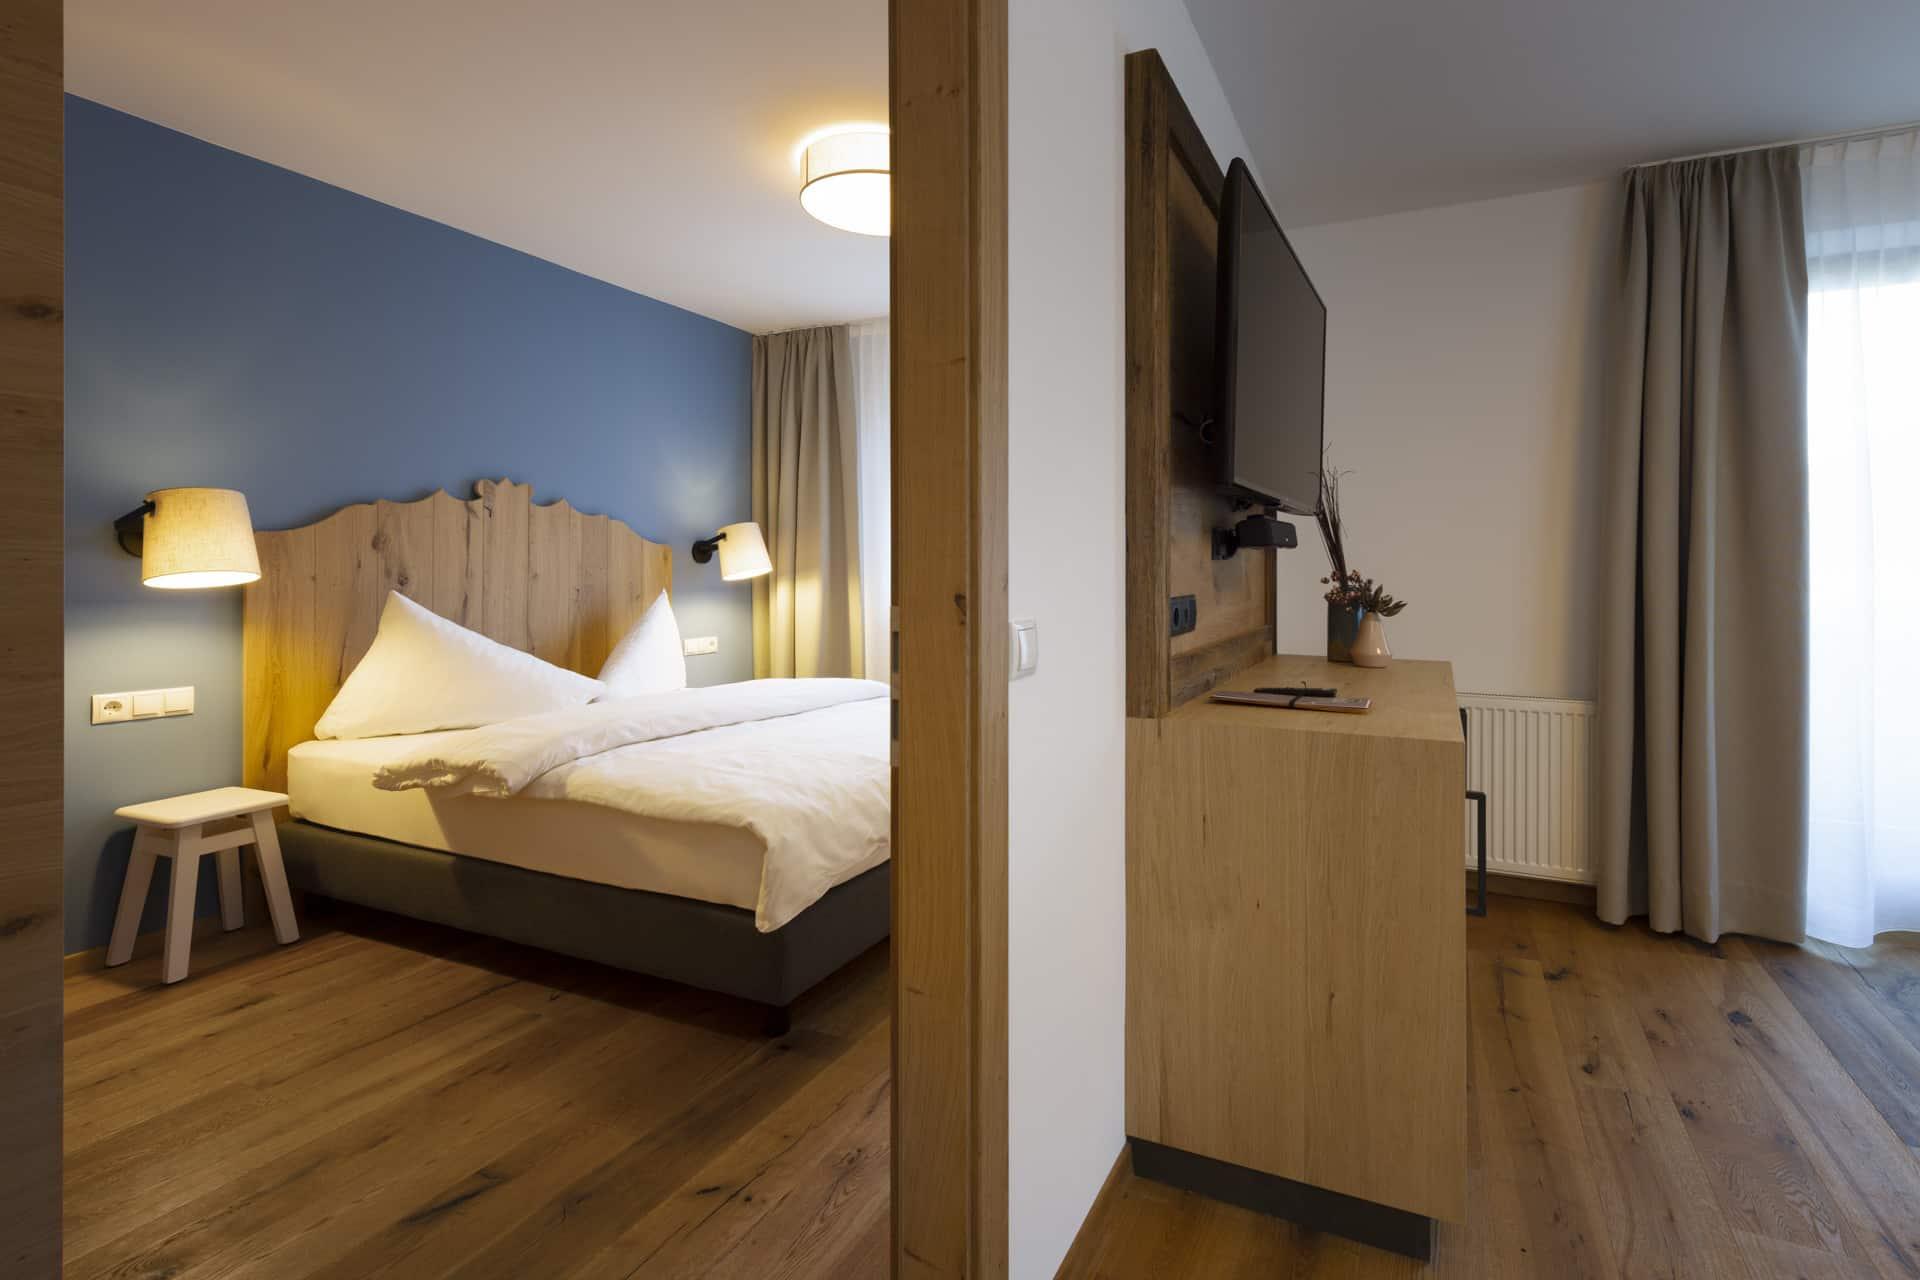 Appartement-fuer-6-Personen-Urlaub-in-Tirol-Sepp-und-Hannis-Selbstversorger-Ferienwohnungen